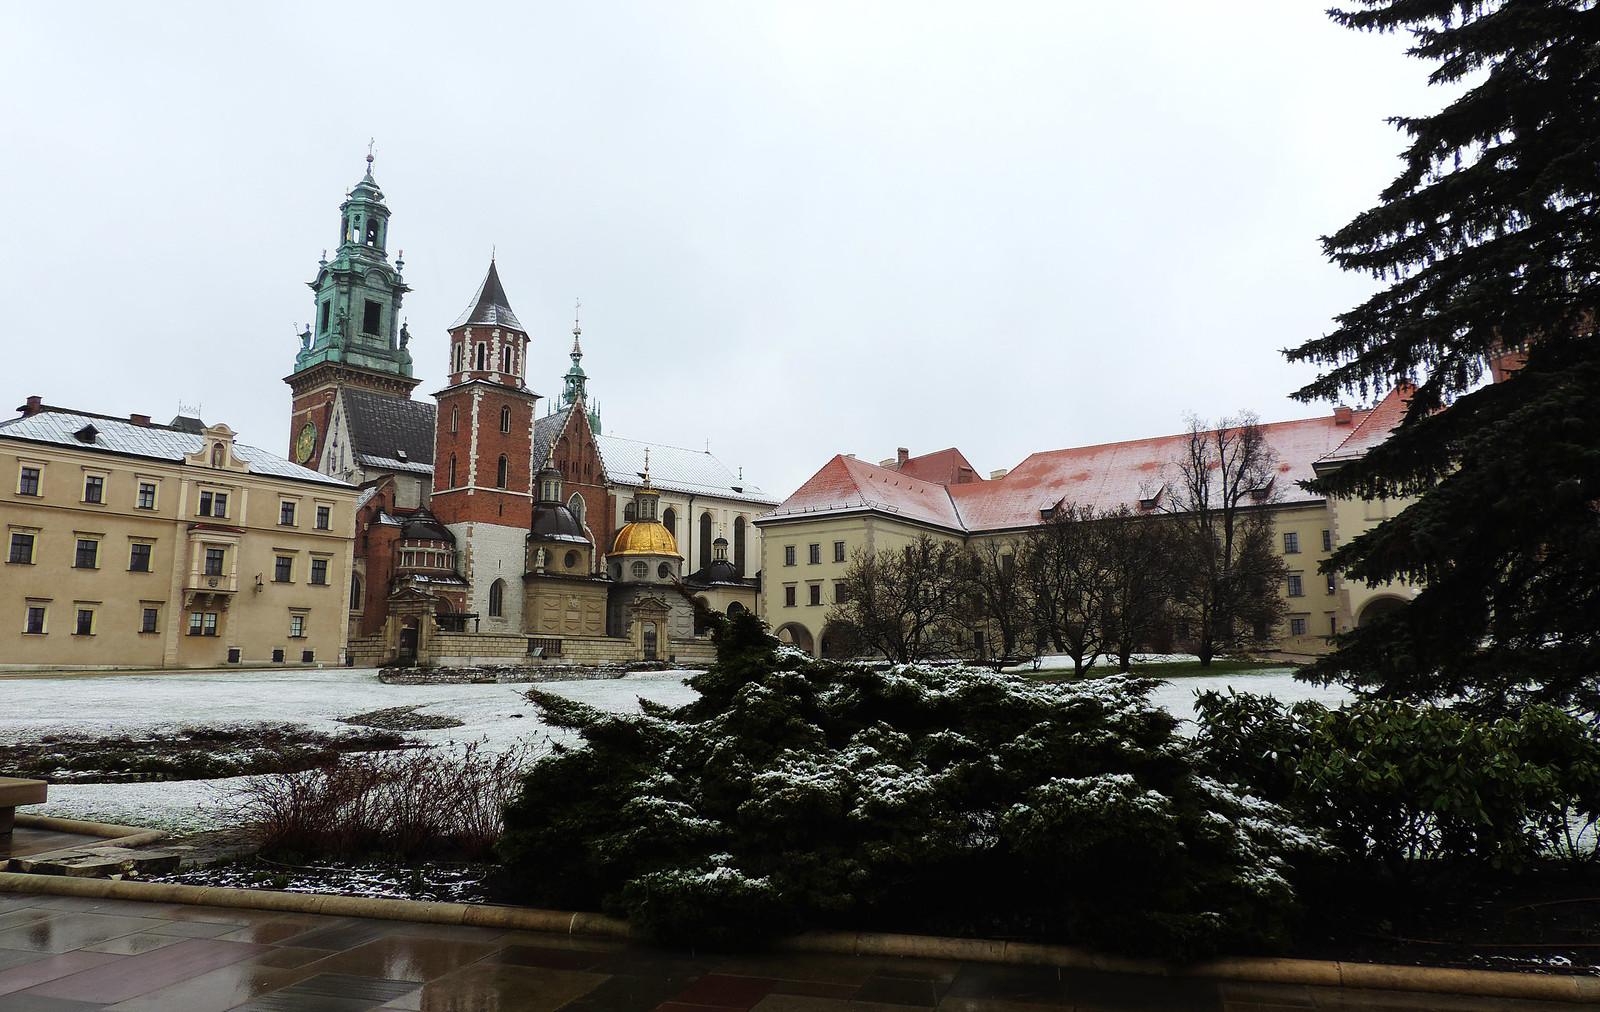 Wawel Castle, Krakow